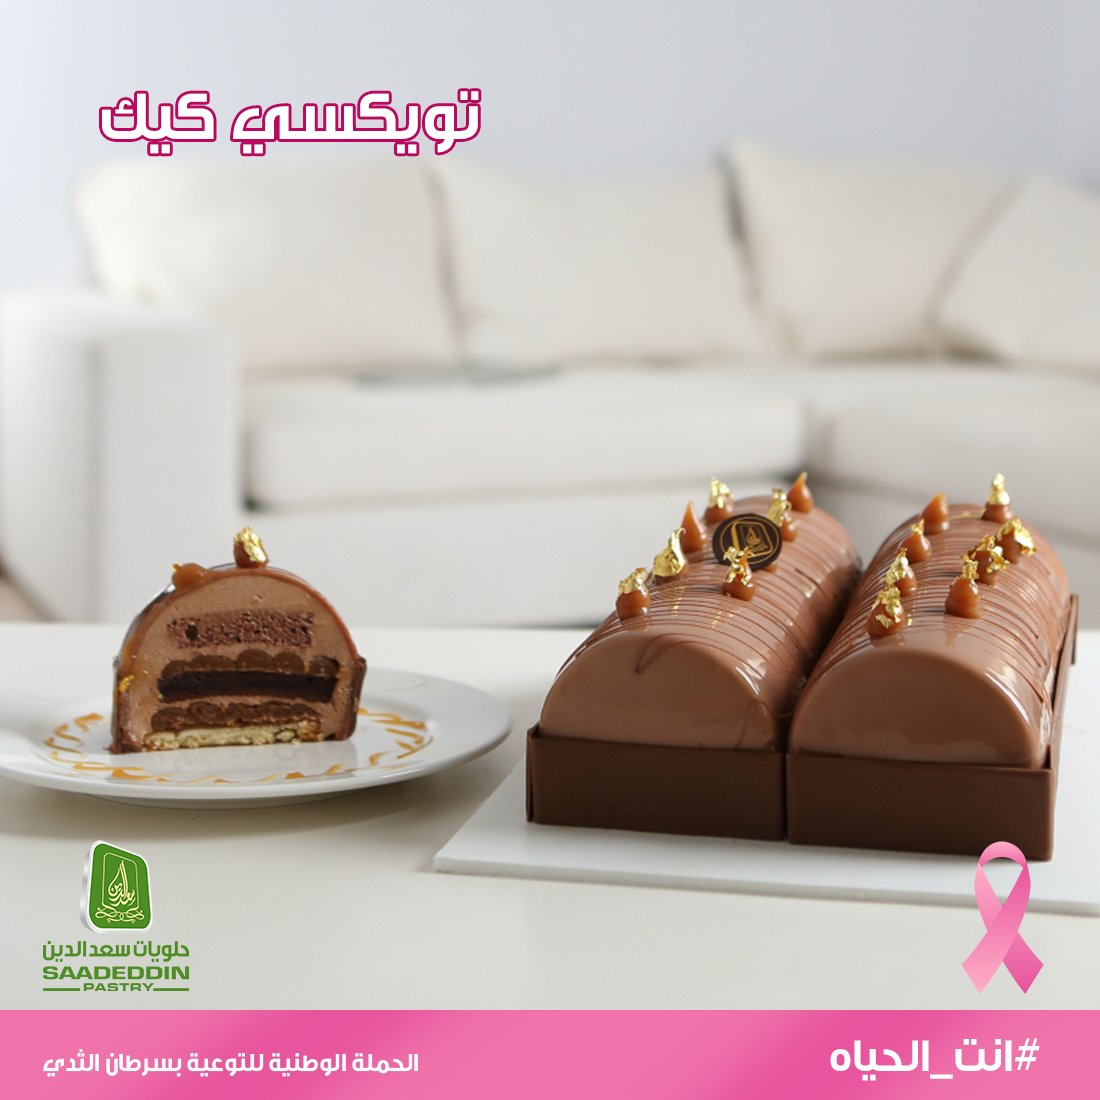 Saadeddinpastry حلويات سعدالدين On Twitter تويكسي كيك الجديدة من سعد الدين للكل مو لواحد بس للطلب والتوصيل مجانا 920017070